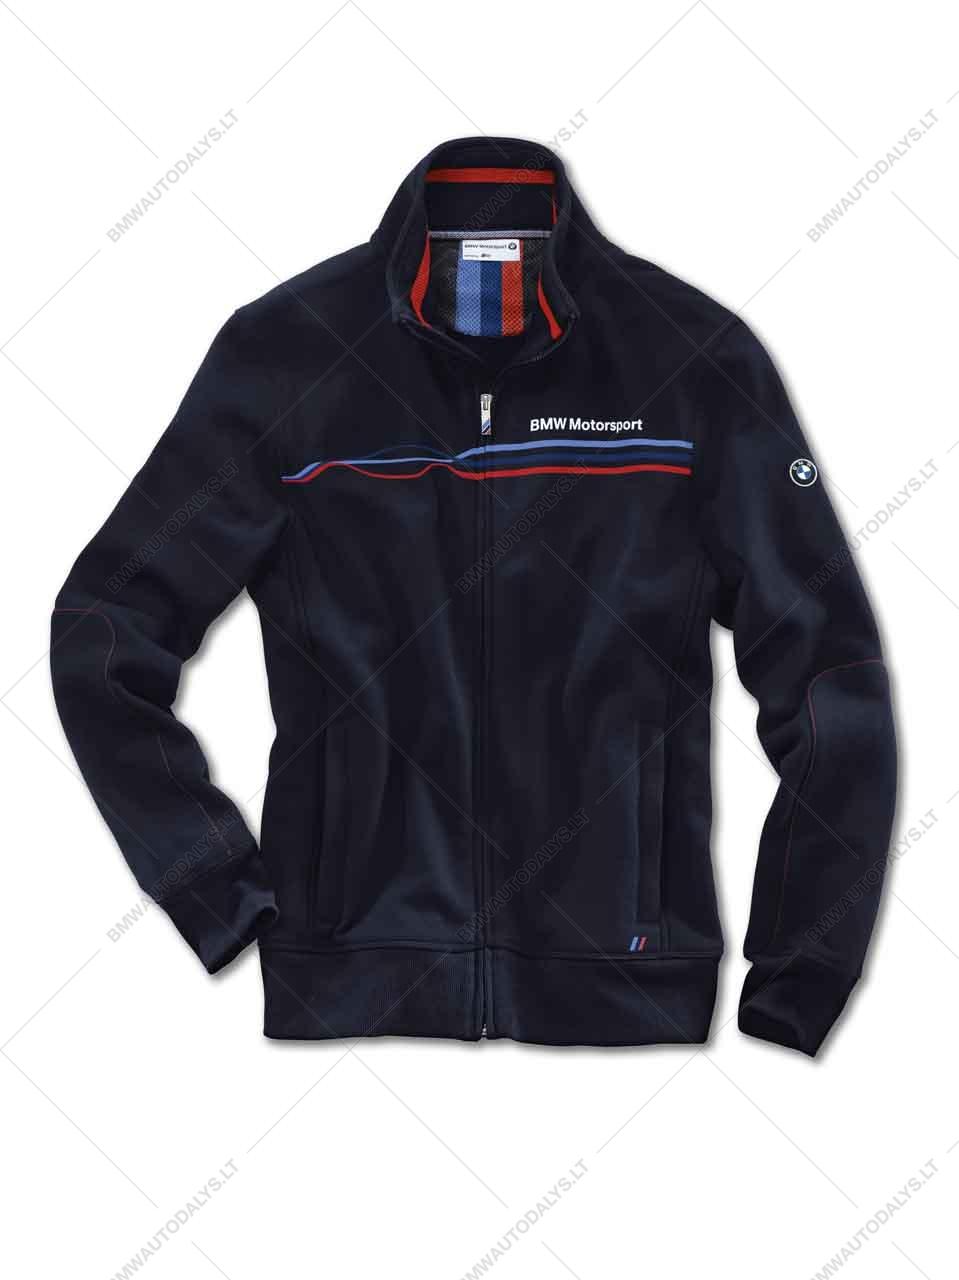 BMW Motorsport tracksuit jacket, men 80142285844 BMW spare parts